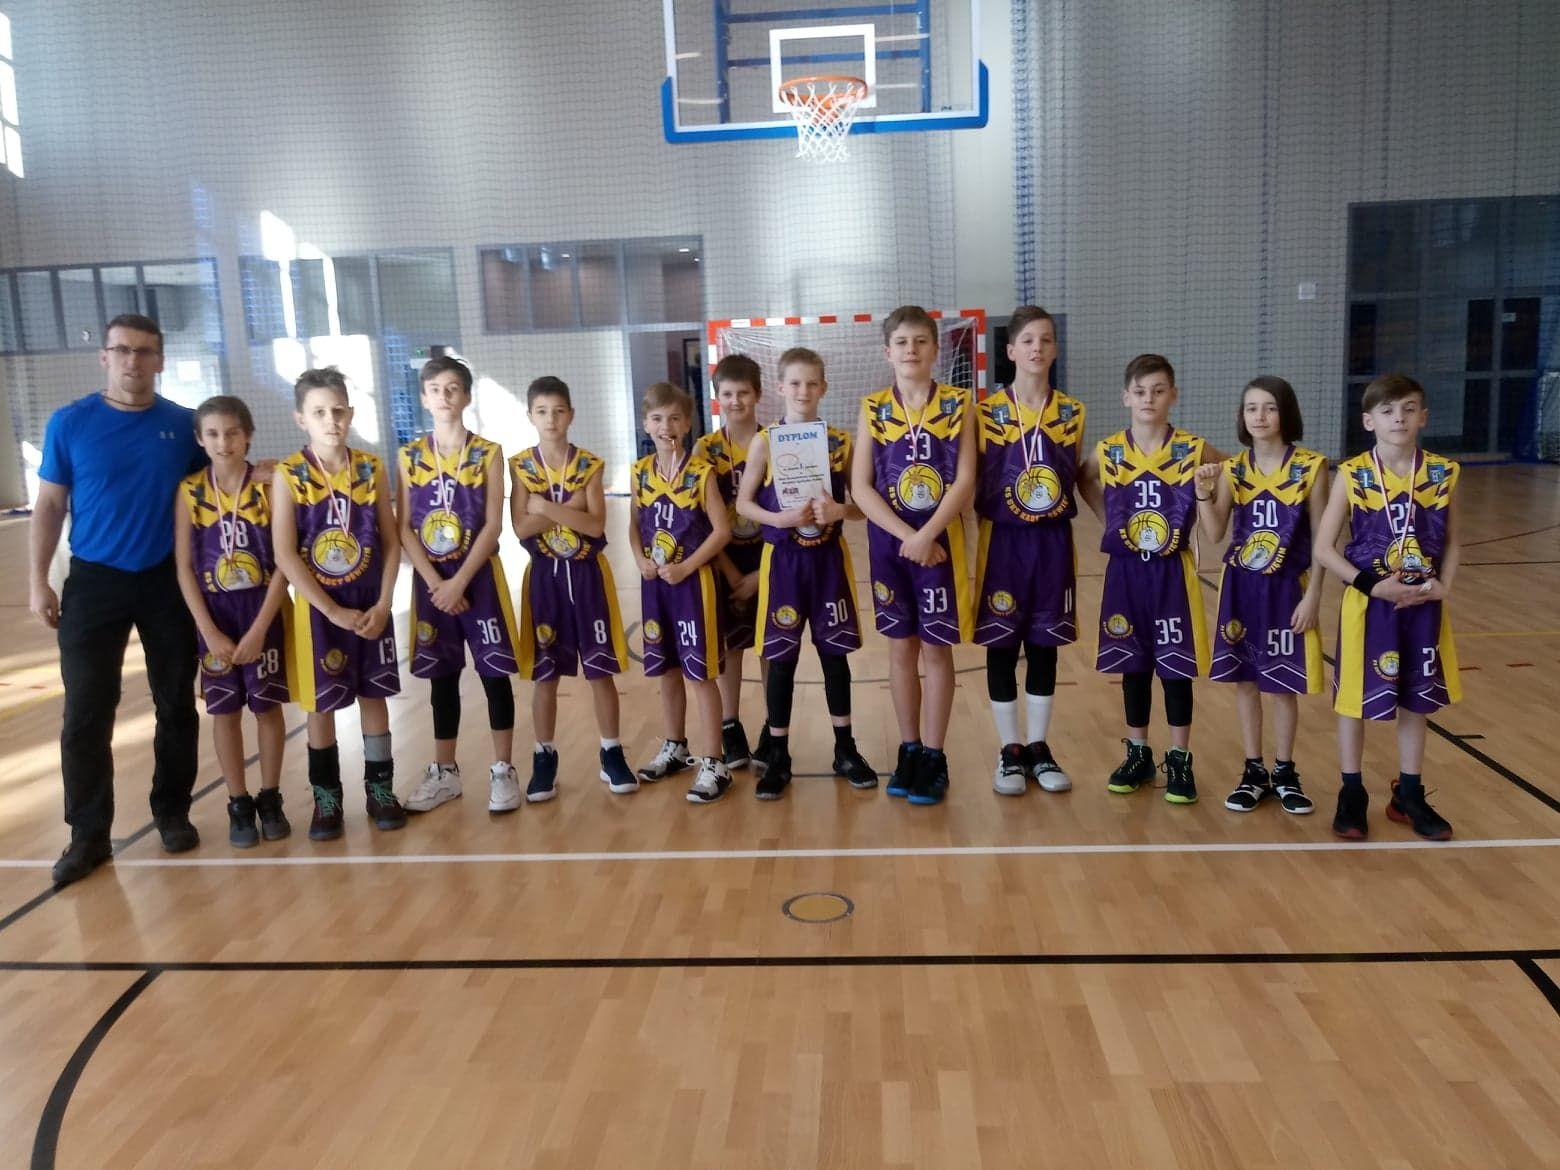 Reprezentacja Szkoły Podstawowej nr 2 sięgnęła po mistrzostwo Oświęcimia w koszykówce chłopców. Fot. nadesłane